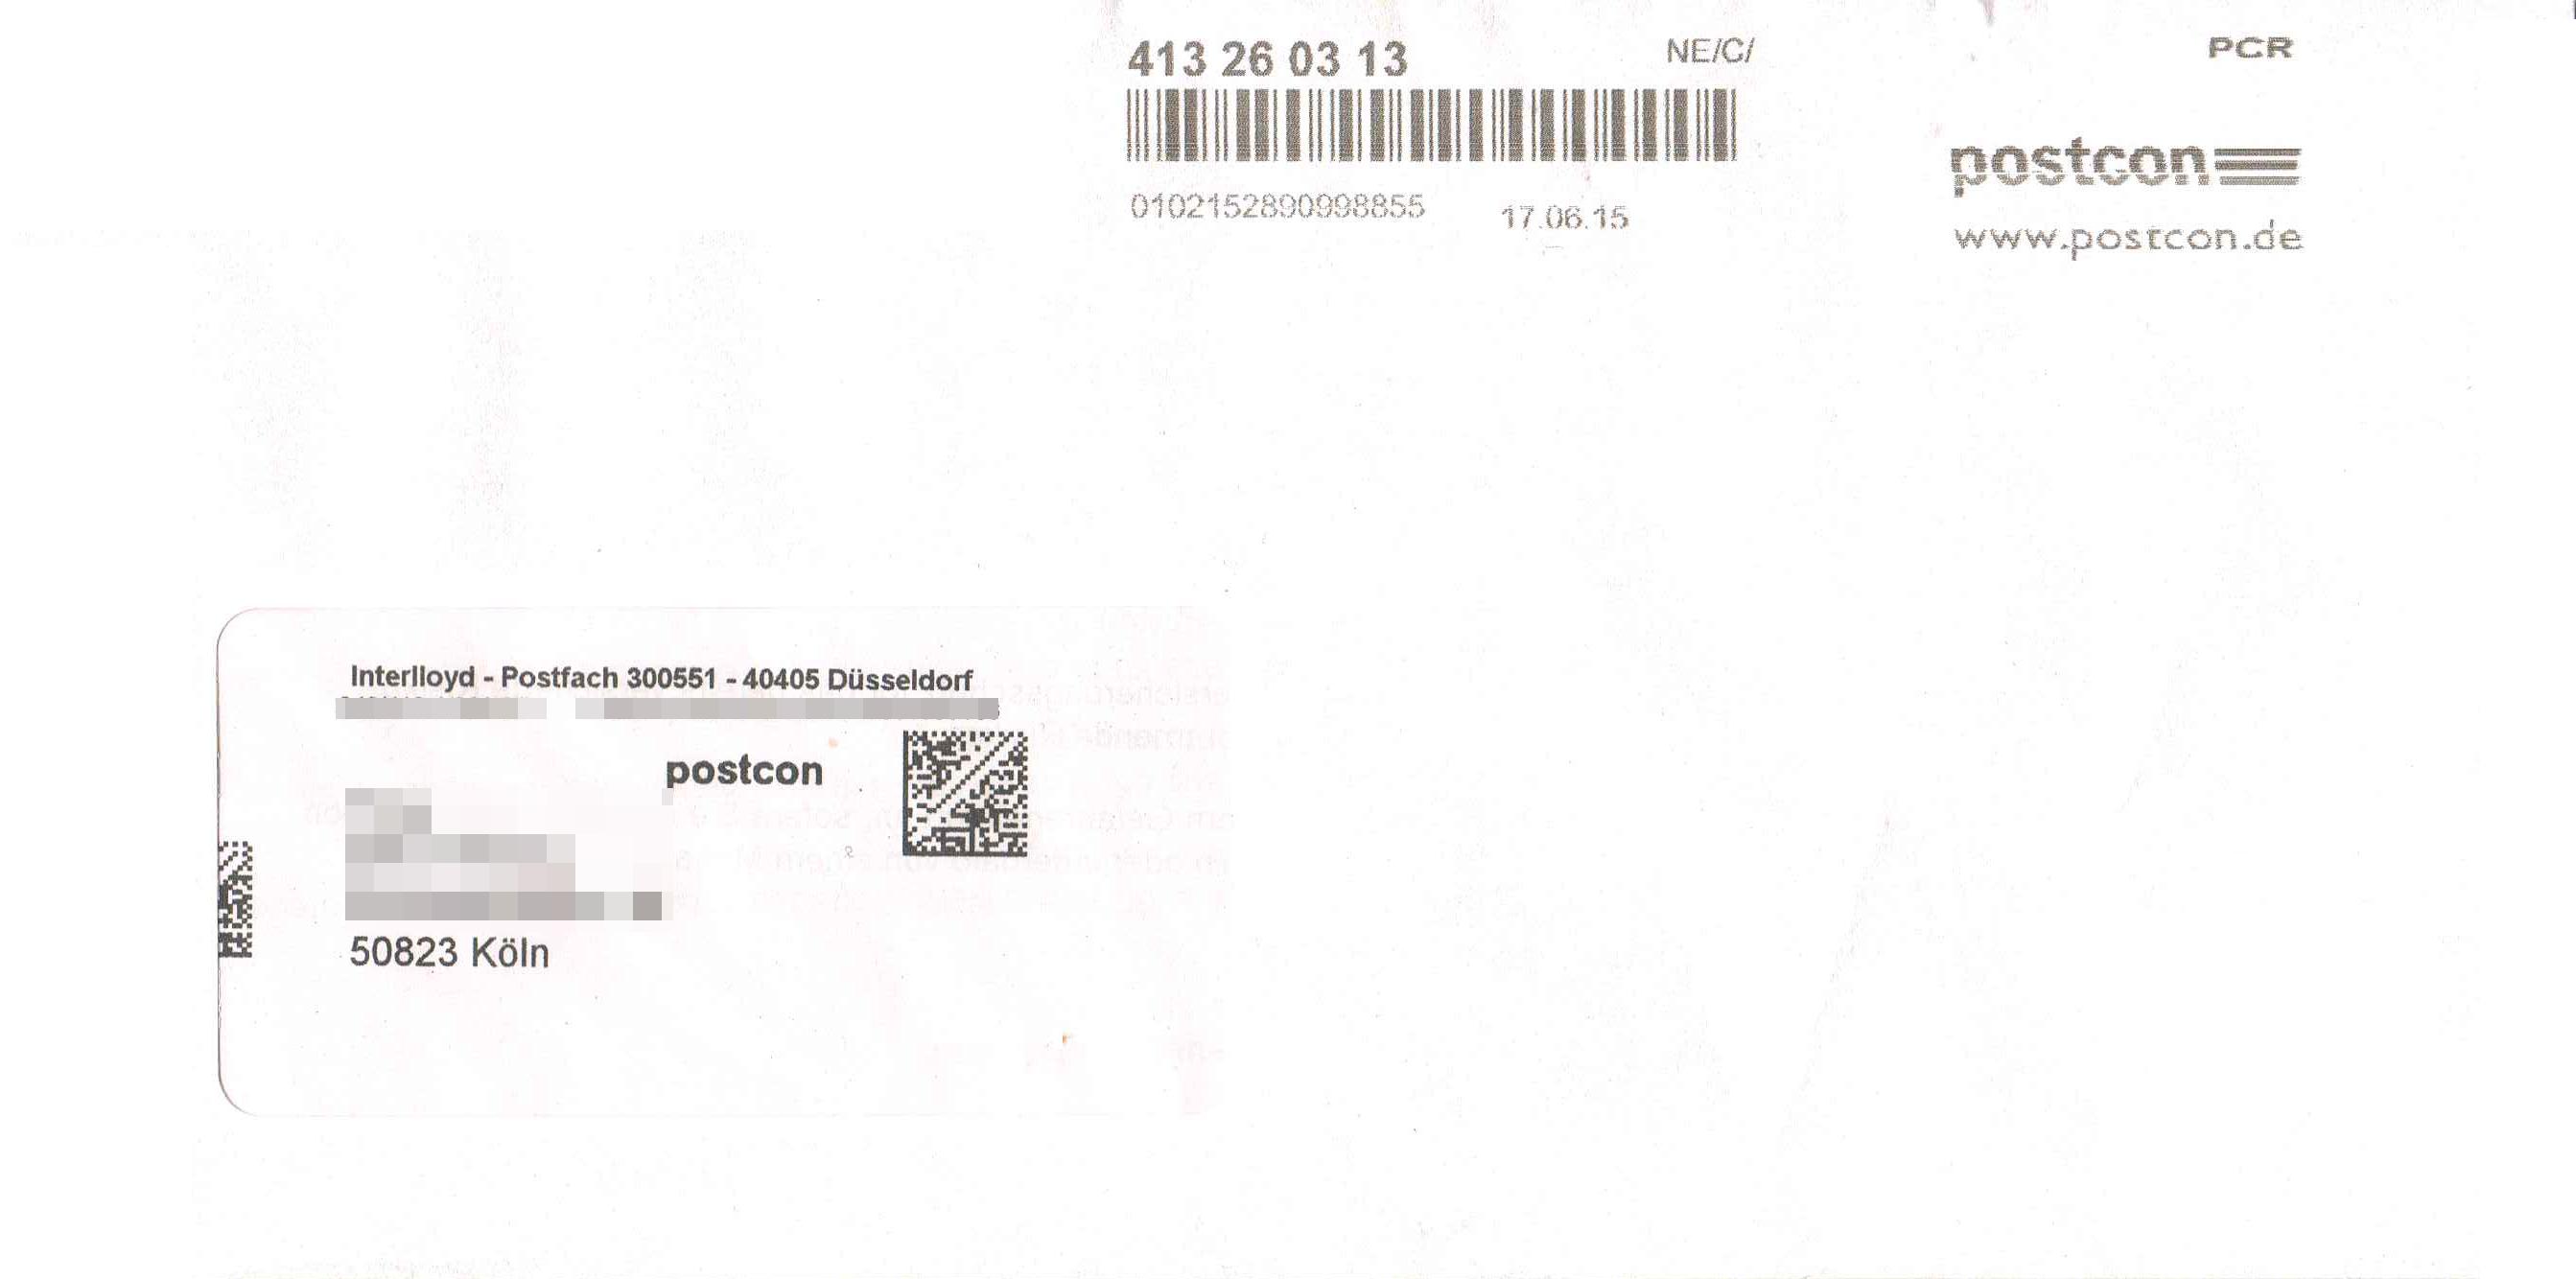 Datei briefumschlag innerdeutscher versand mit postcon for Versand deutschland